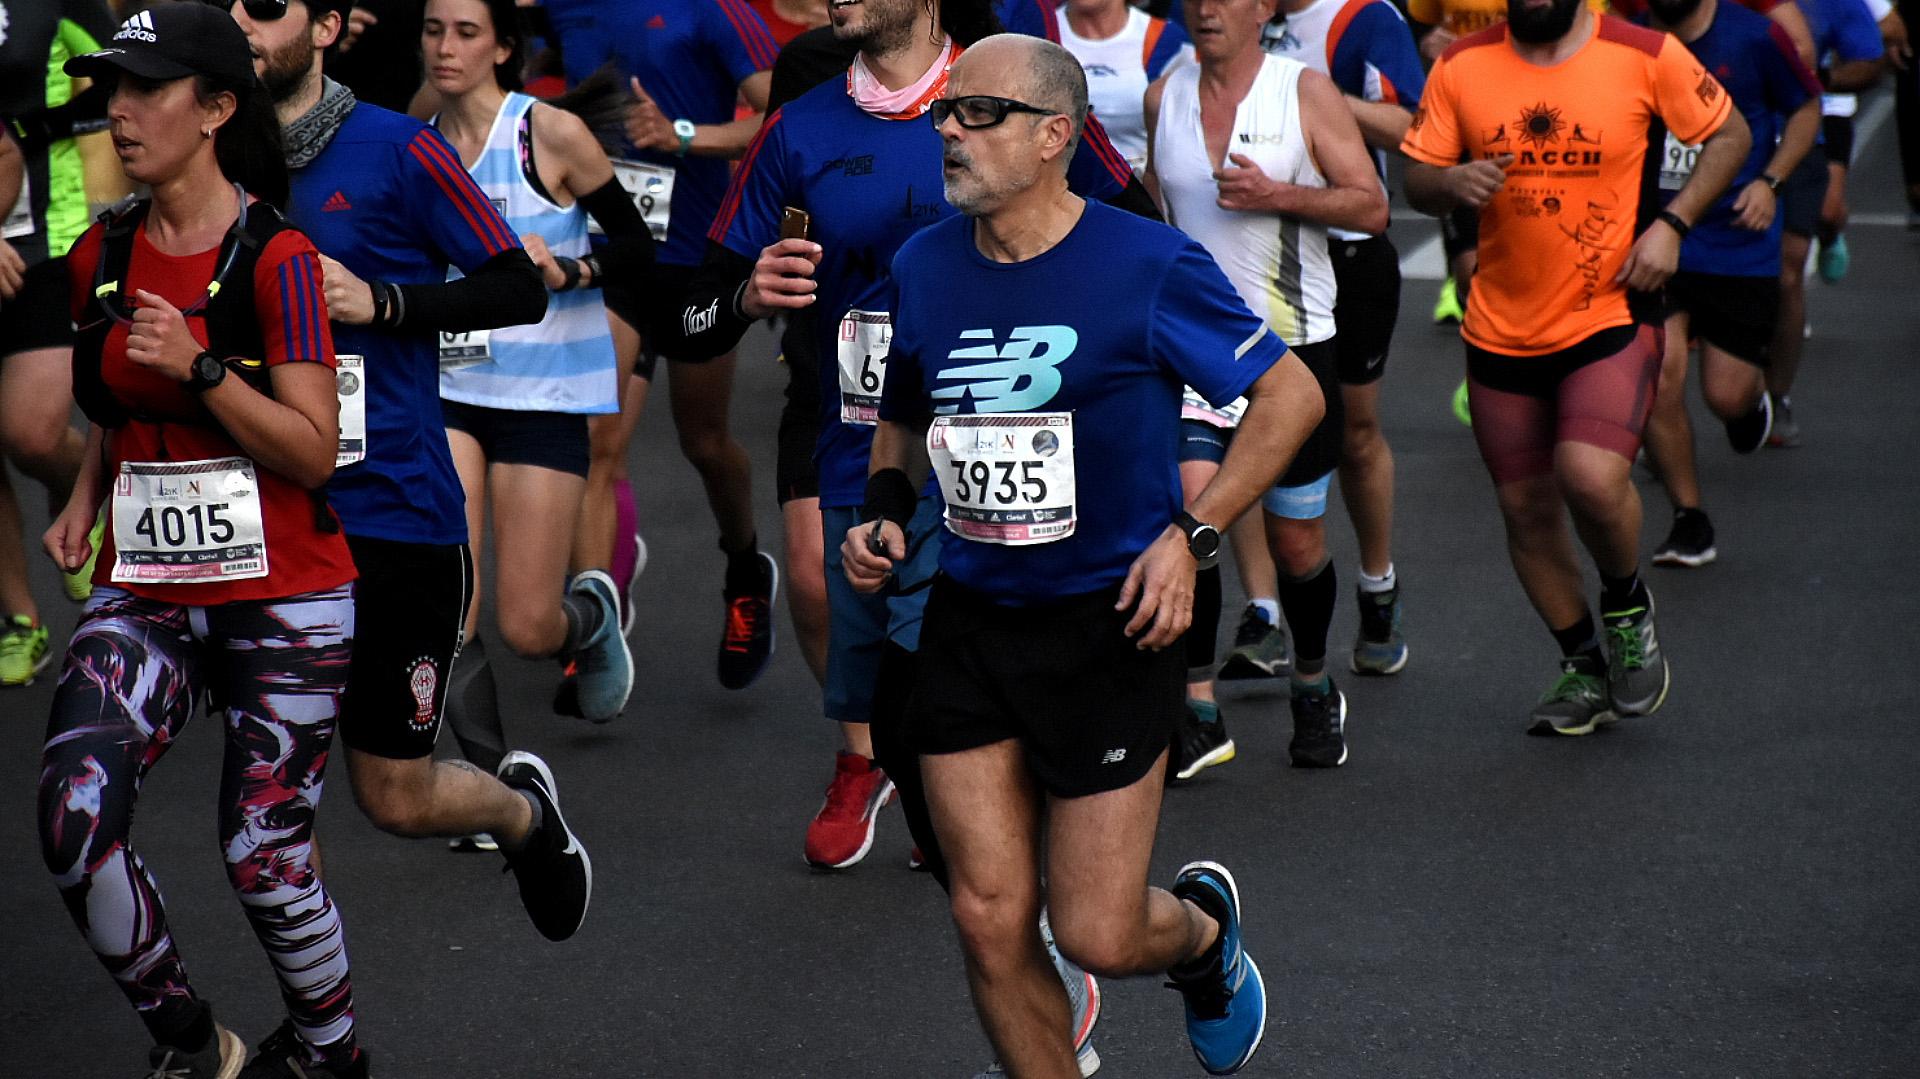 El periodista Daniel Arcucci, reconocido apasionado del running, participó de la media maratón